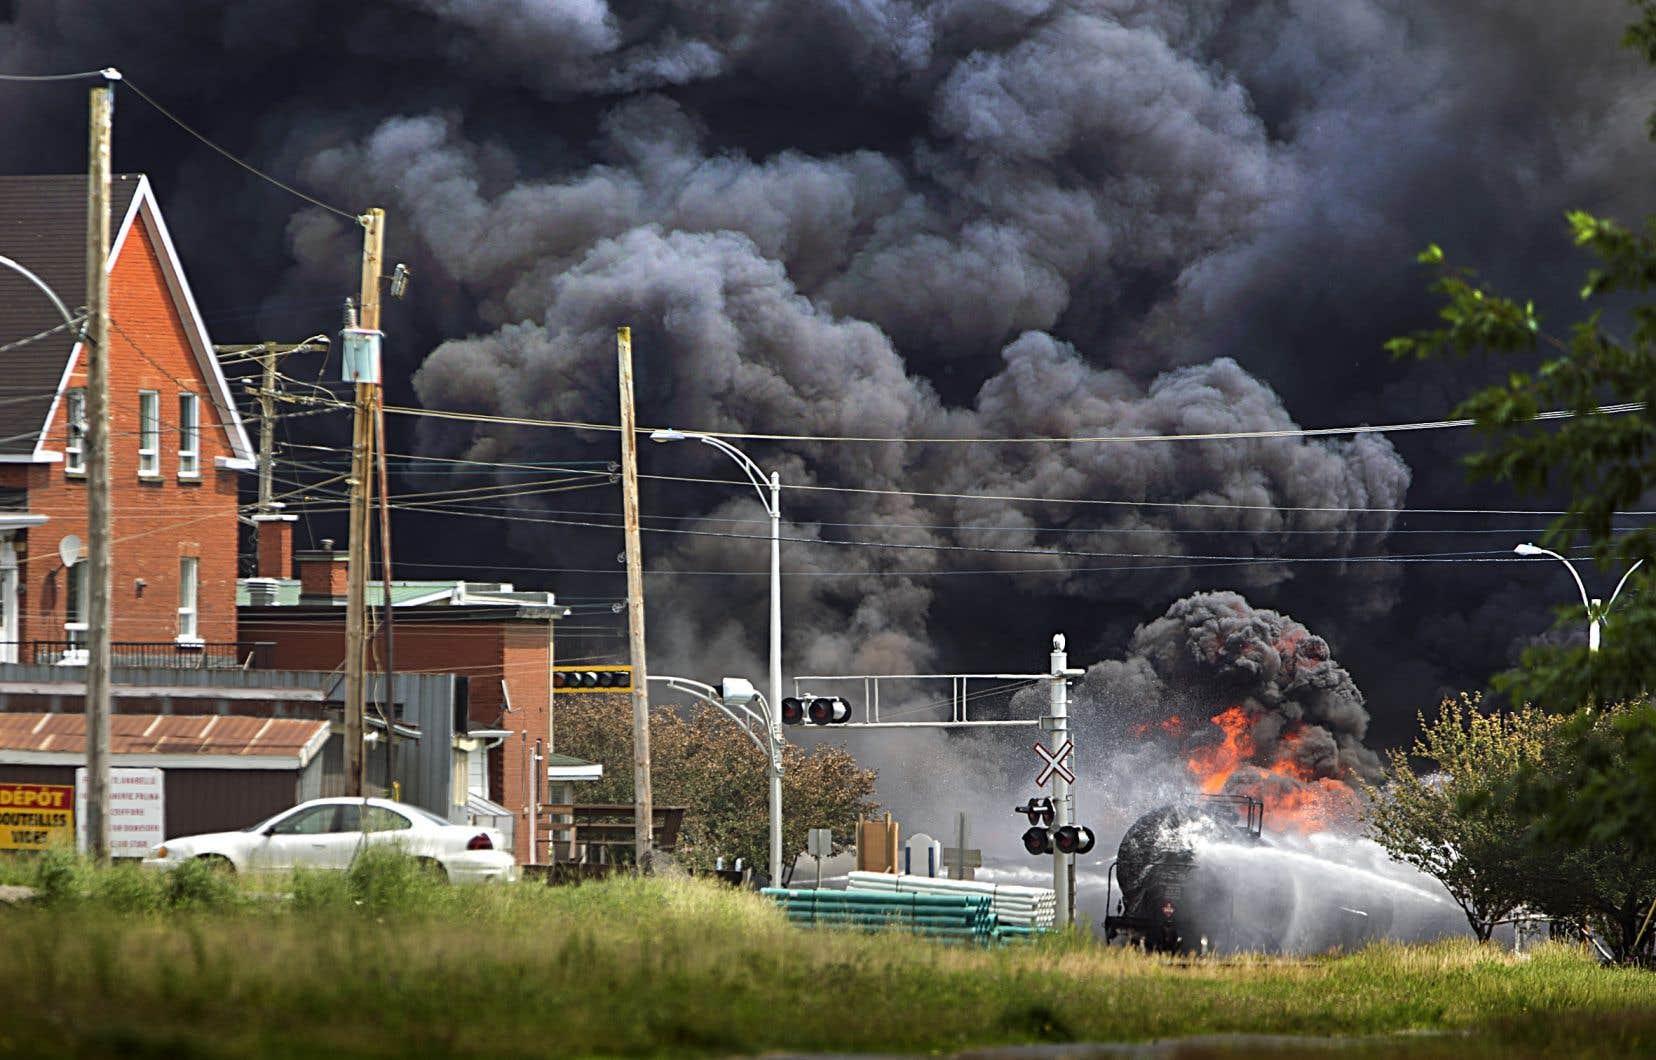 Latragédie ferroviaire de Lac-Mégantic a fait 47 morts en juillet 2013.